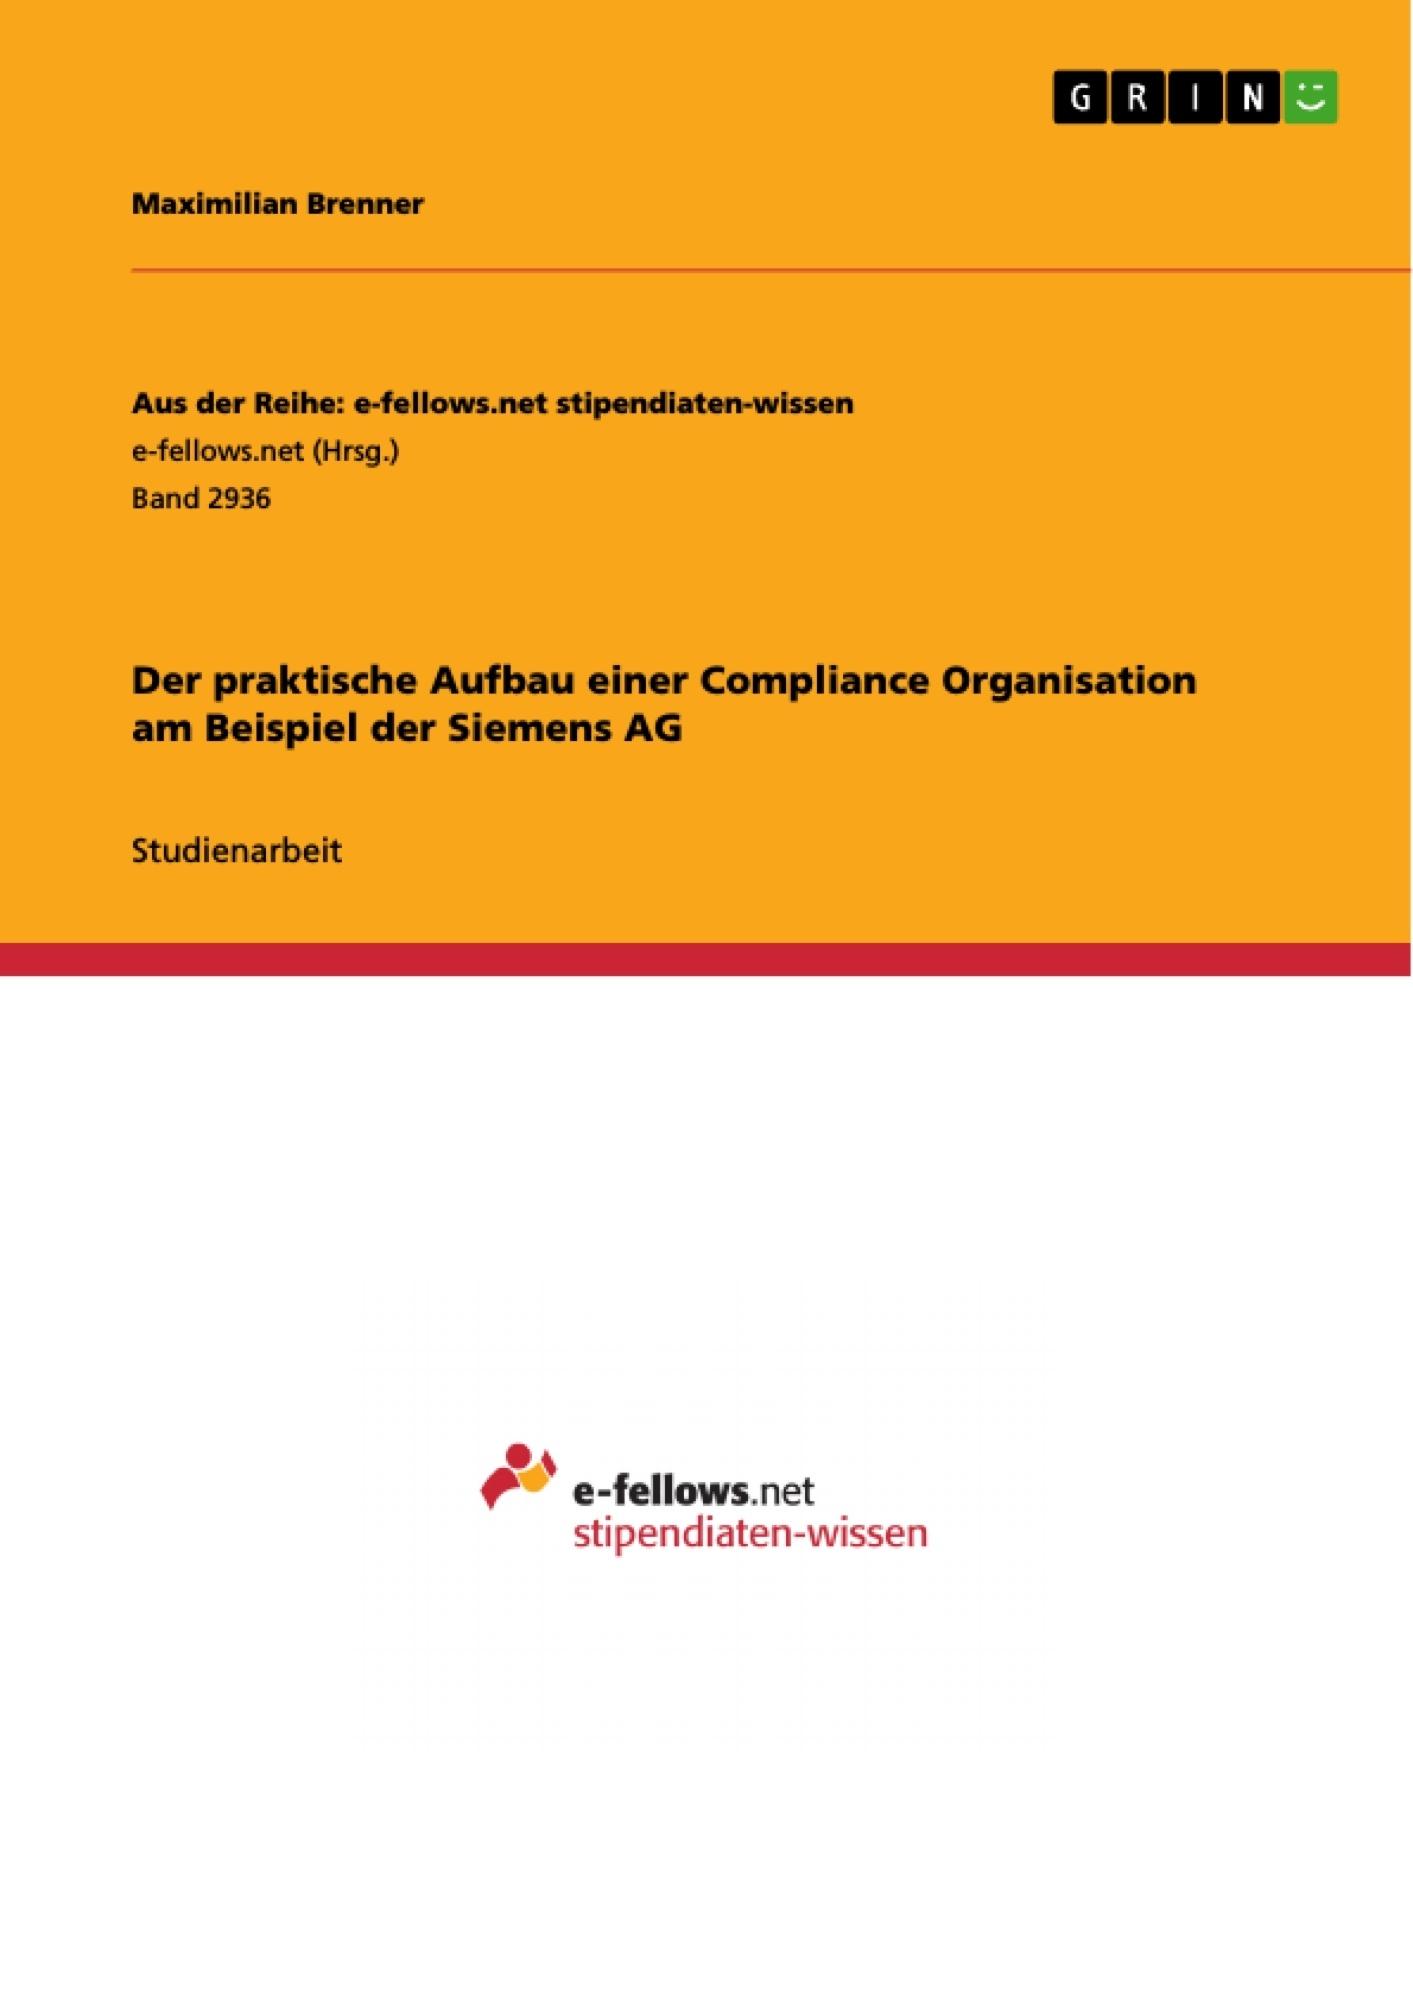 Titel: Der praktische Aufbau einer Compliance Organisation am Beispiel der Siemens AG